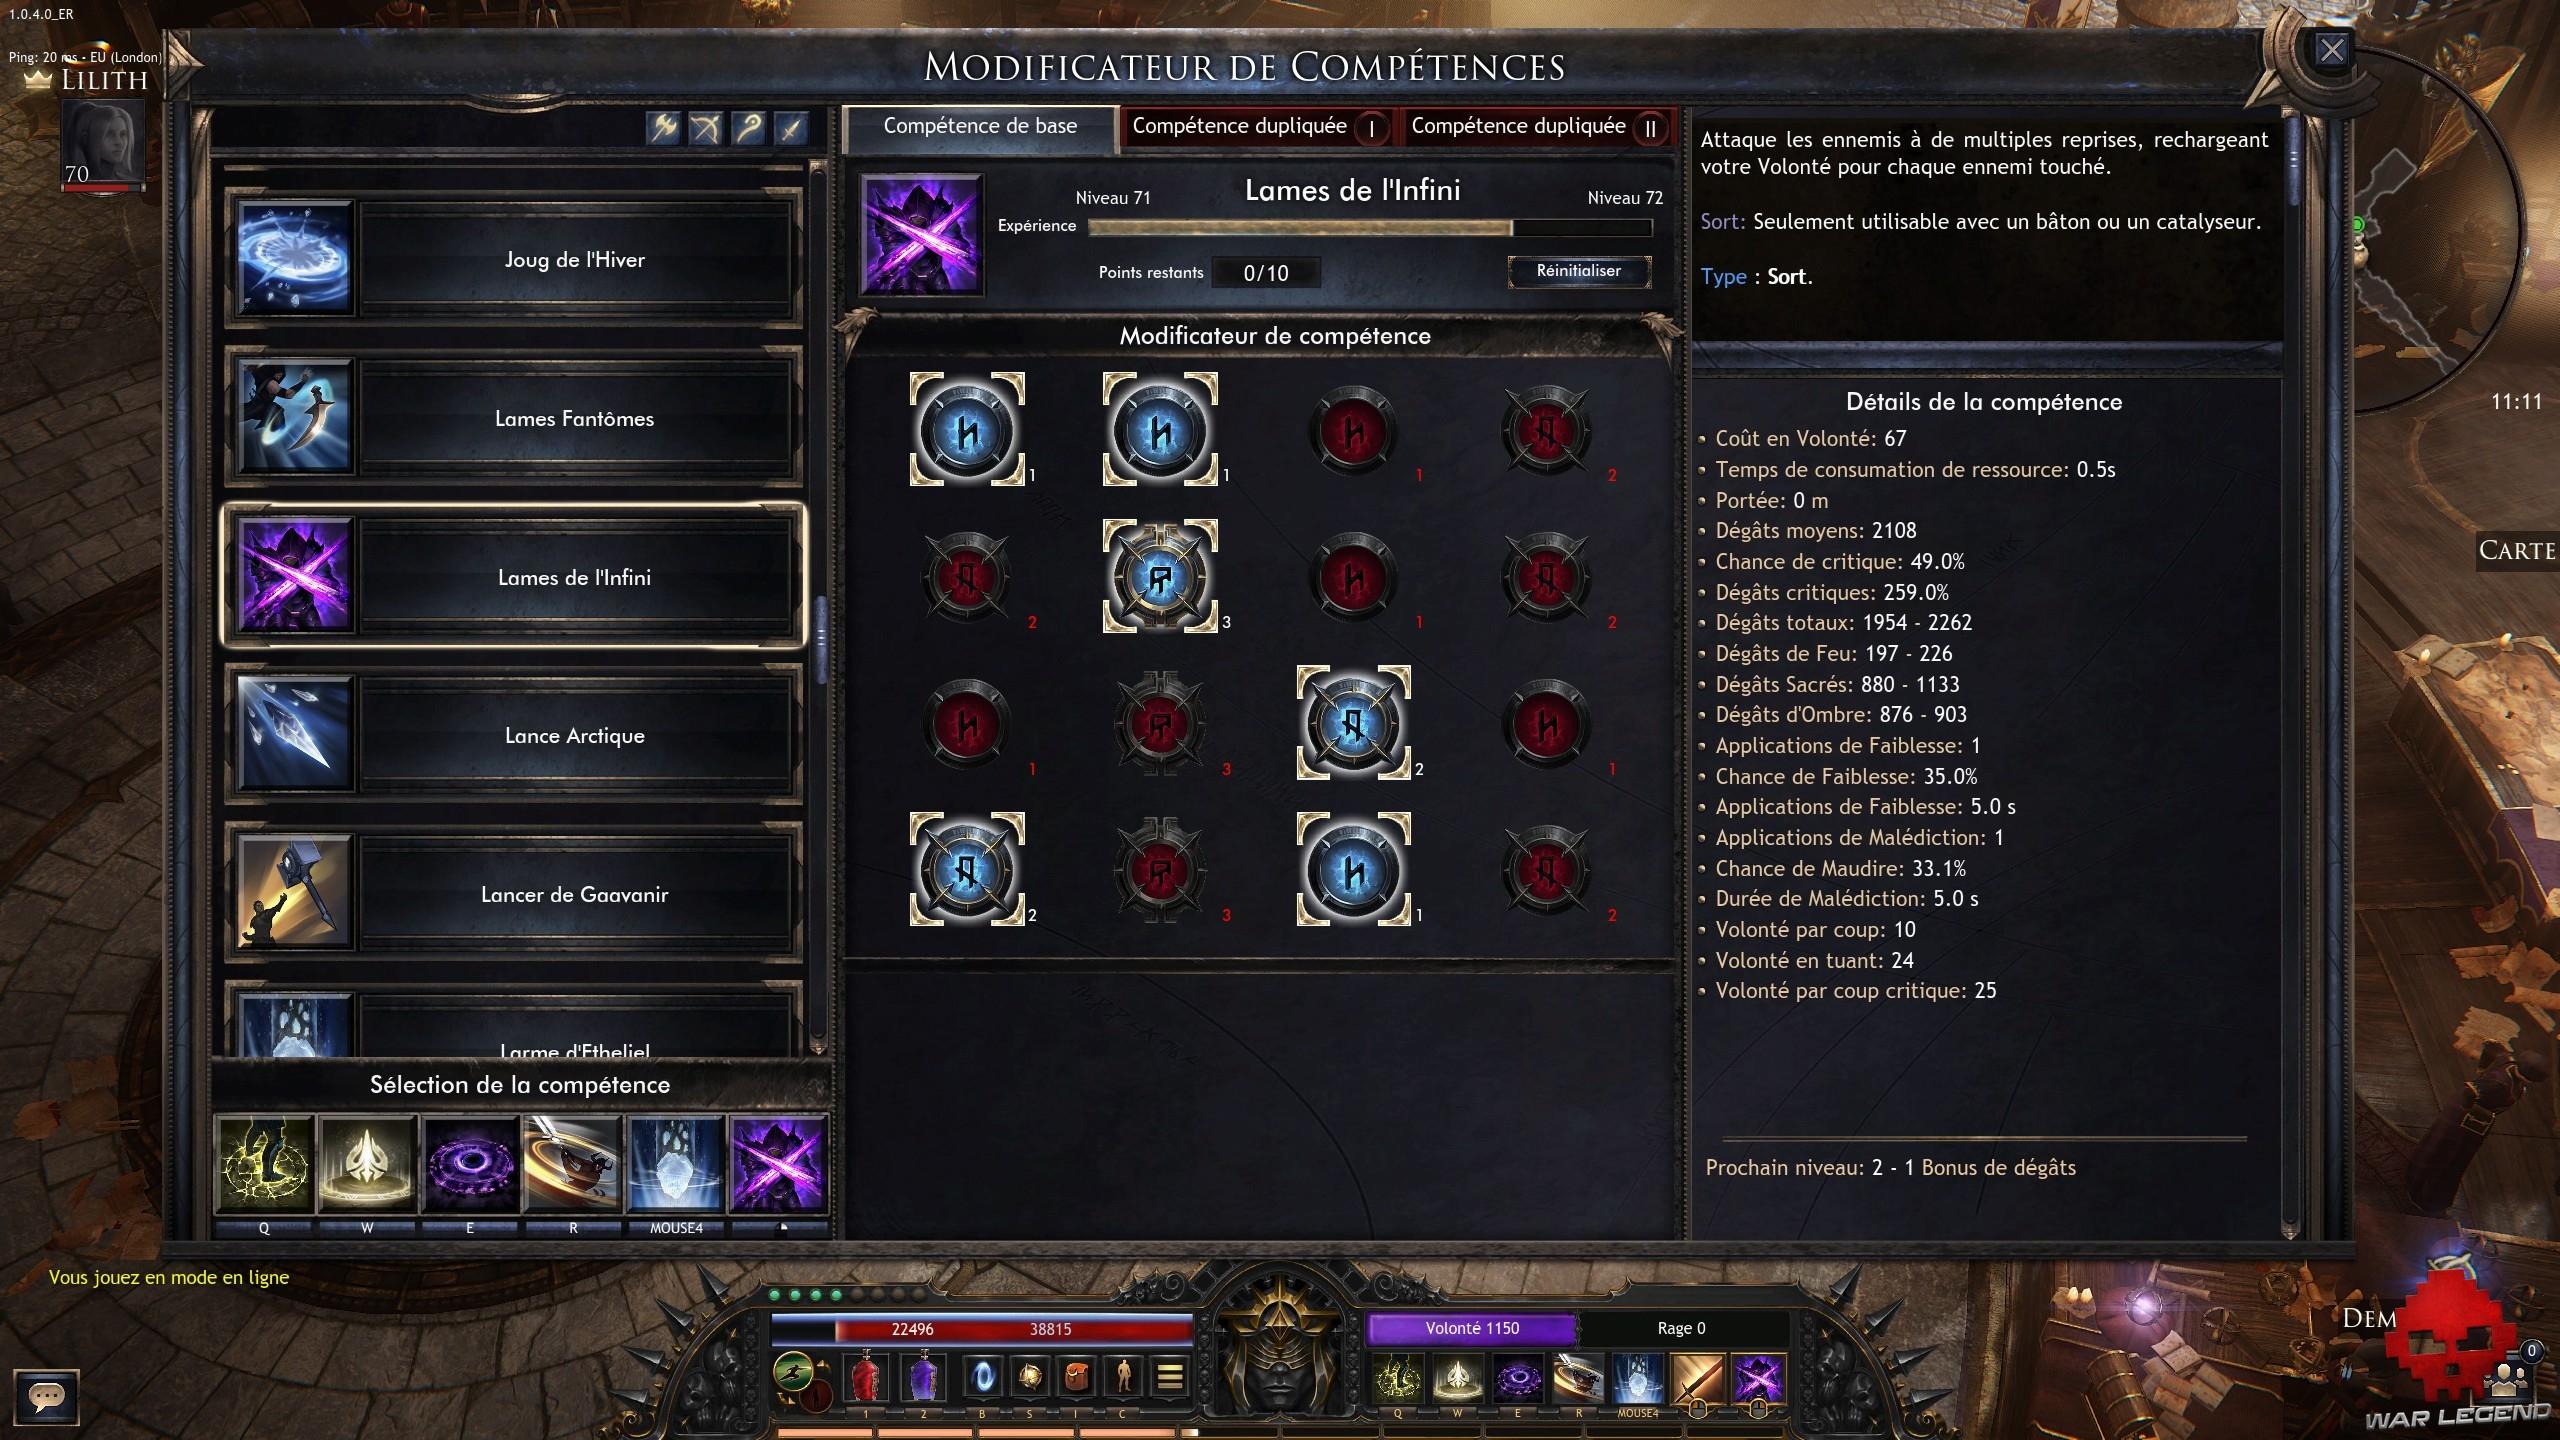 WL wolcen lords of mayhem runes